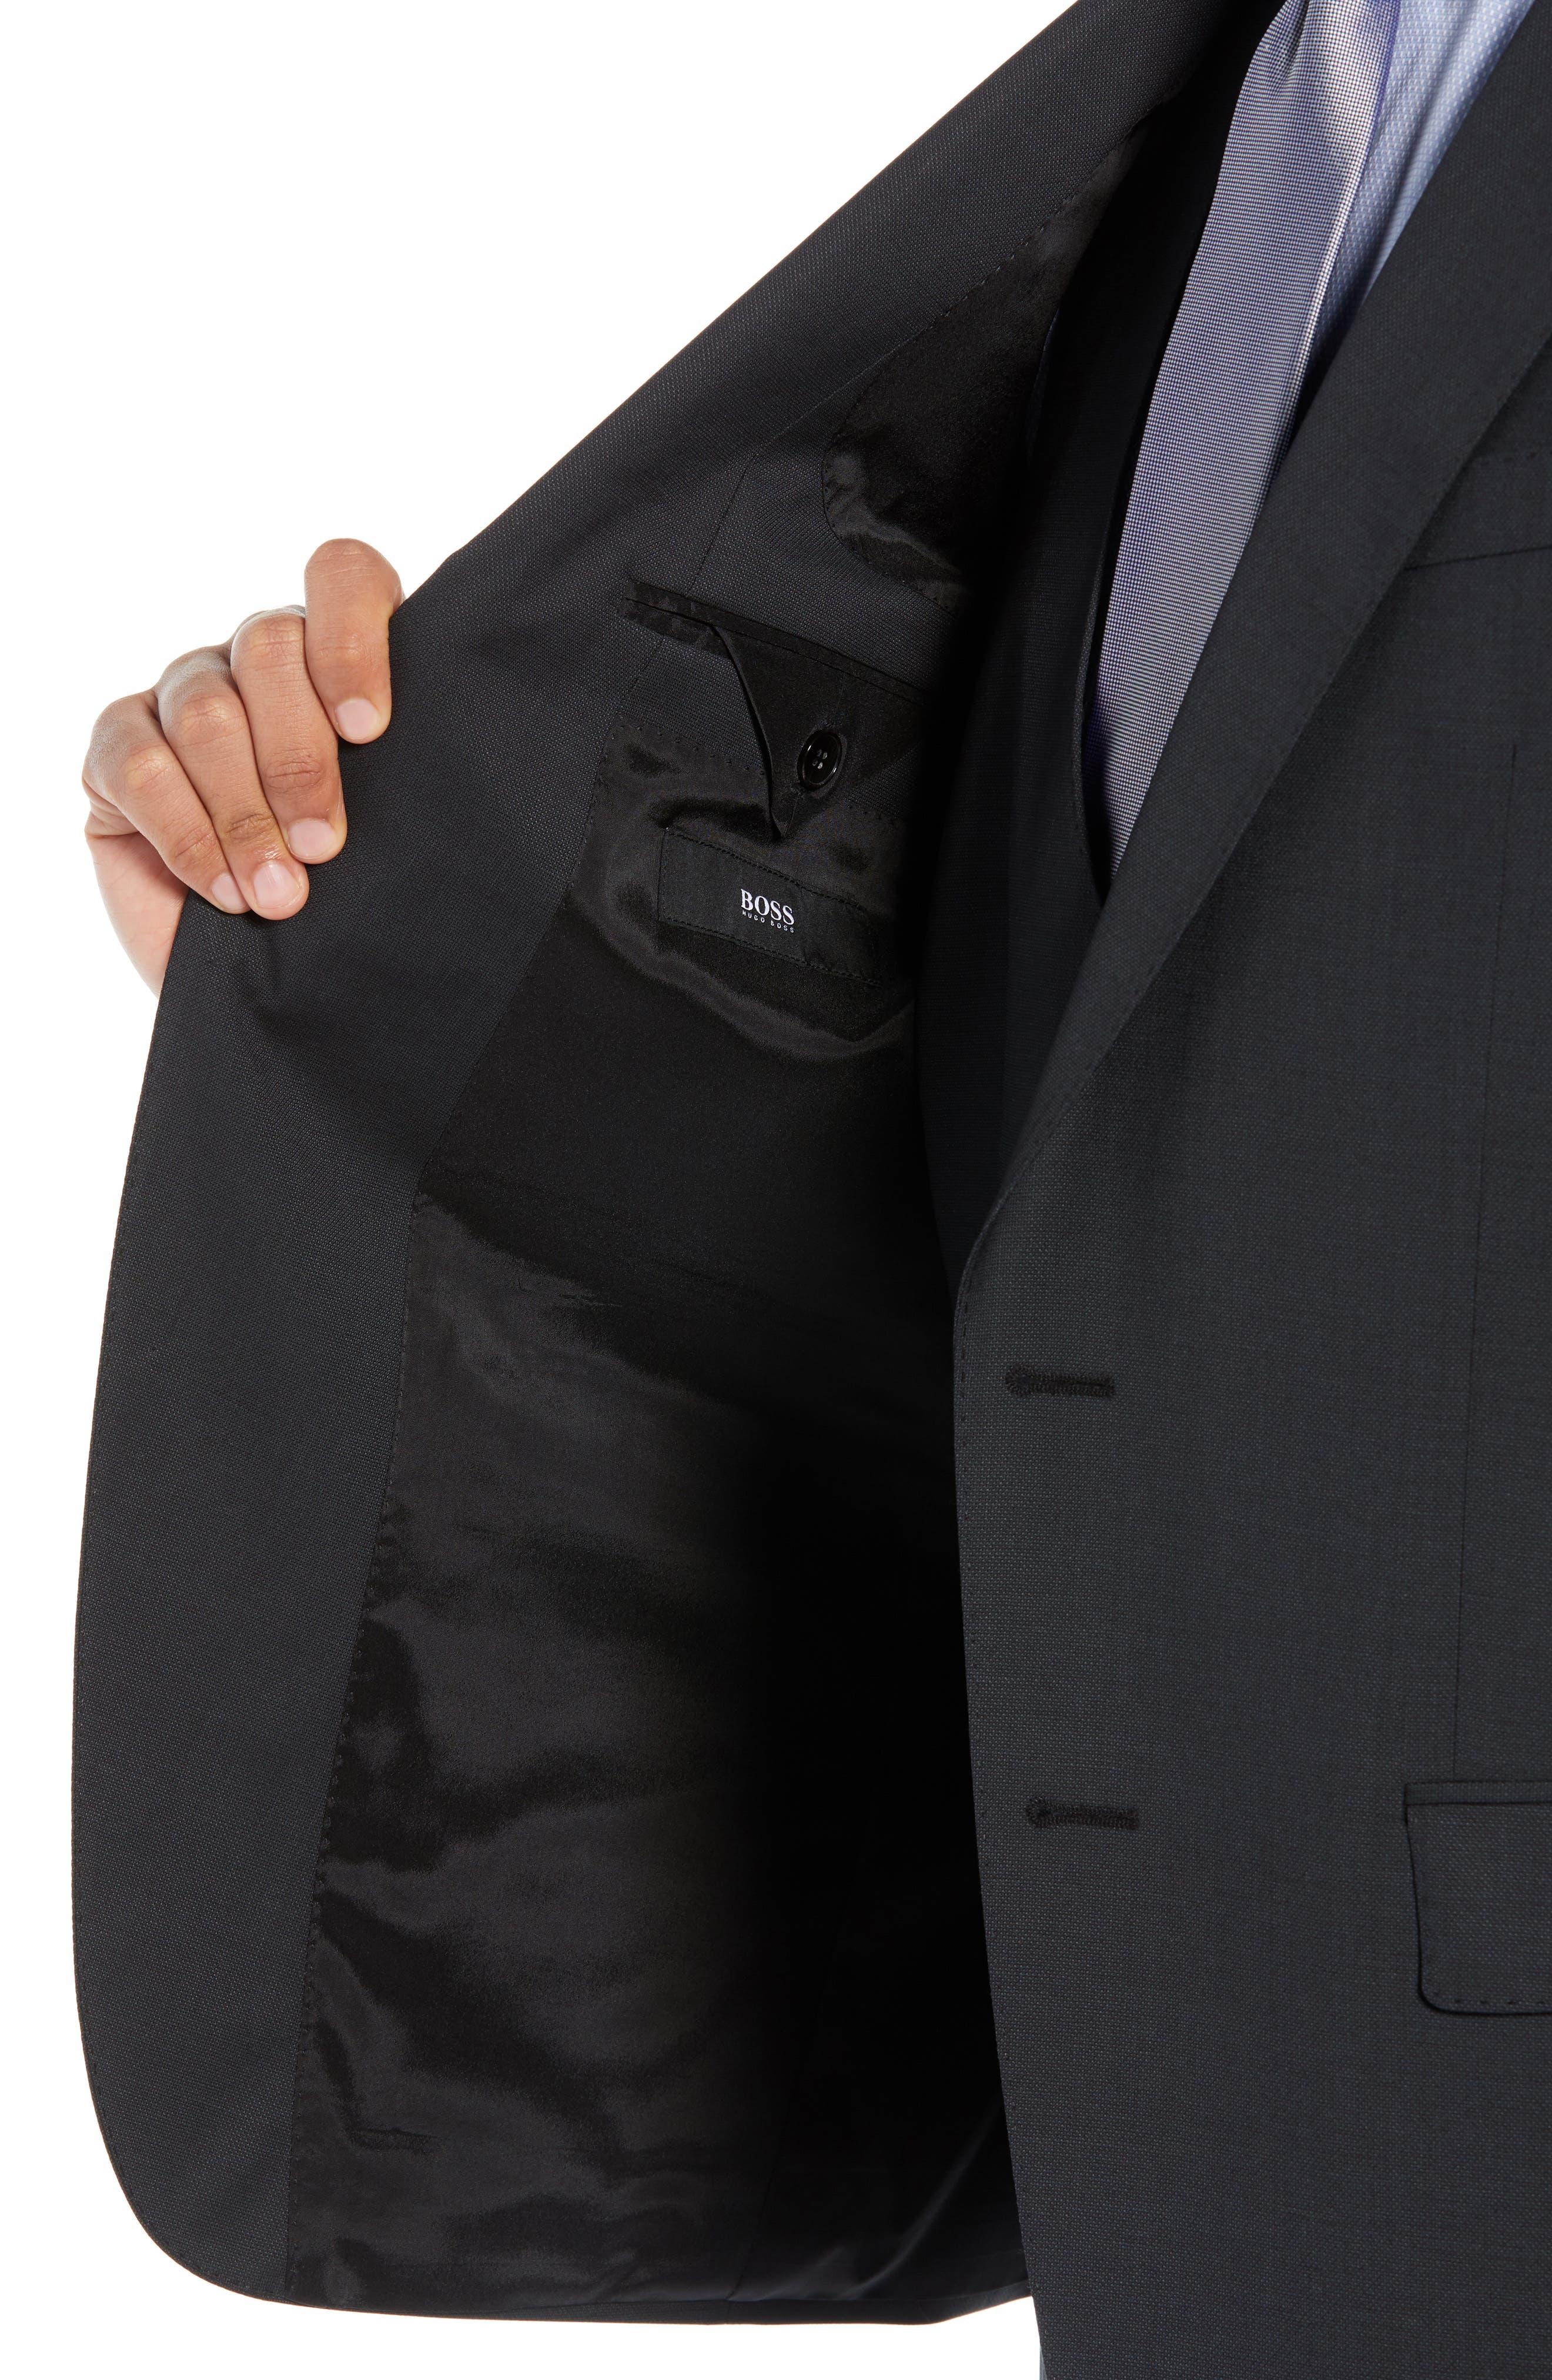 BOSS,                             Helward/Genius Trim Fit Solid Three Piece Wool Suit,                             Alternate thumbnail 5, color,                             DARK GREY